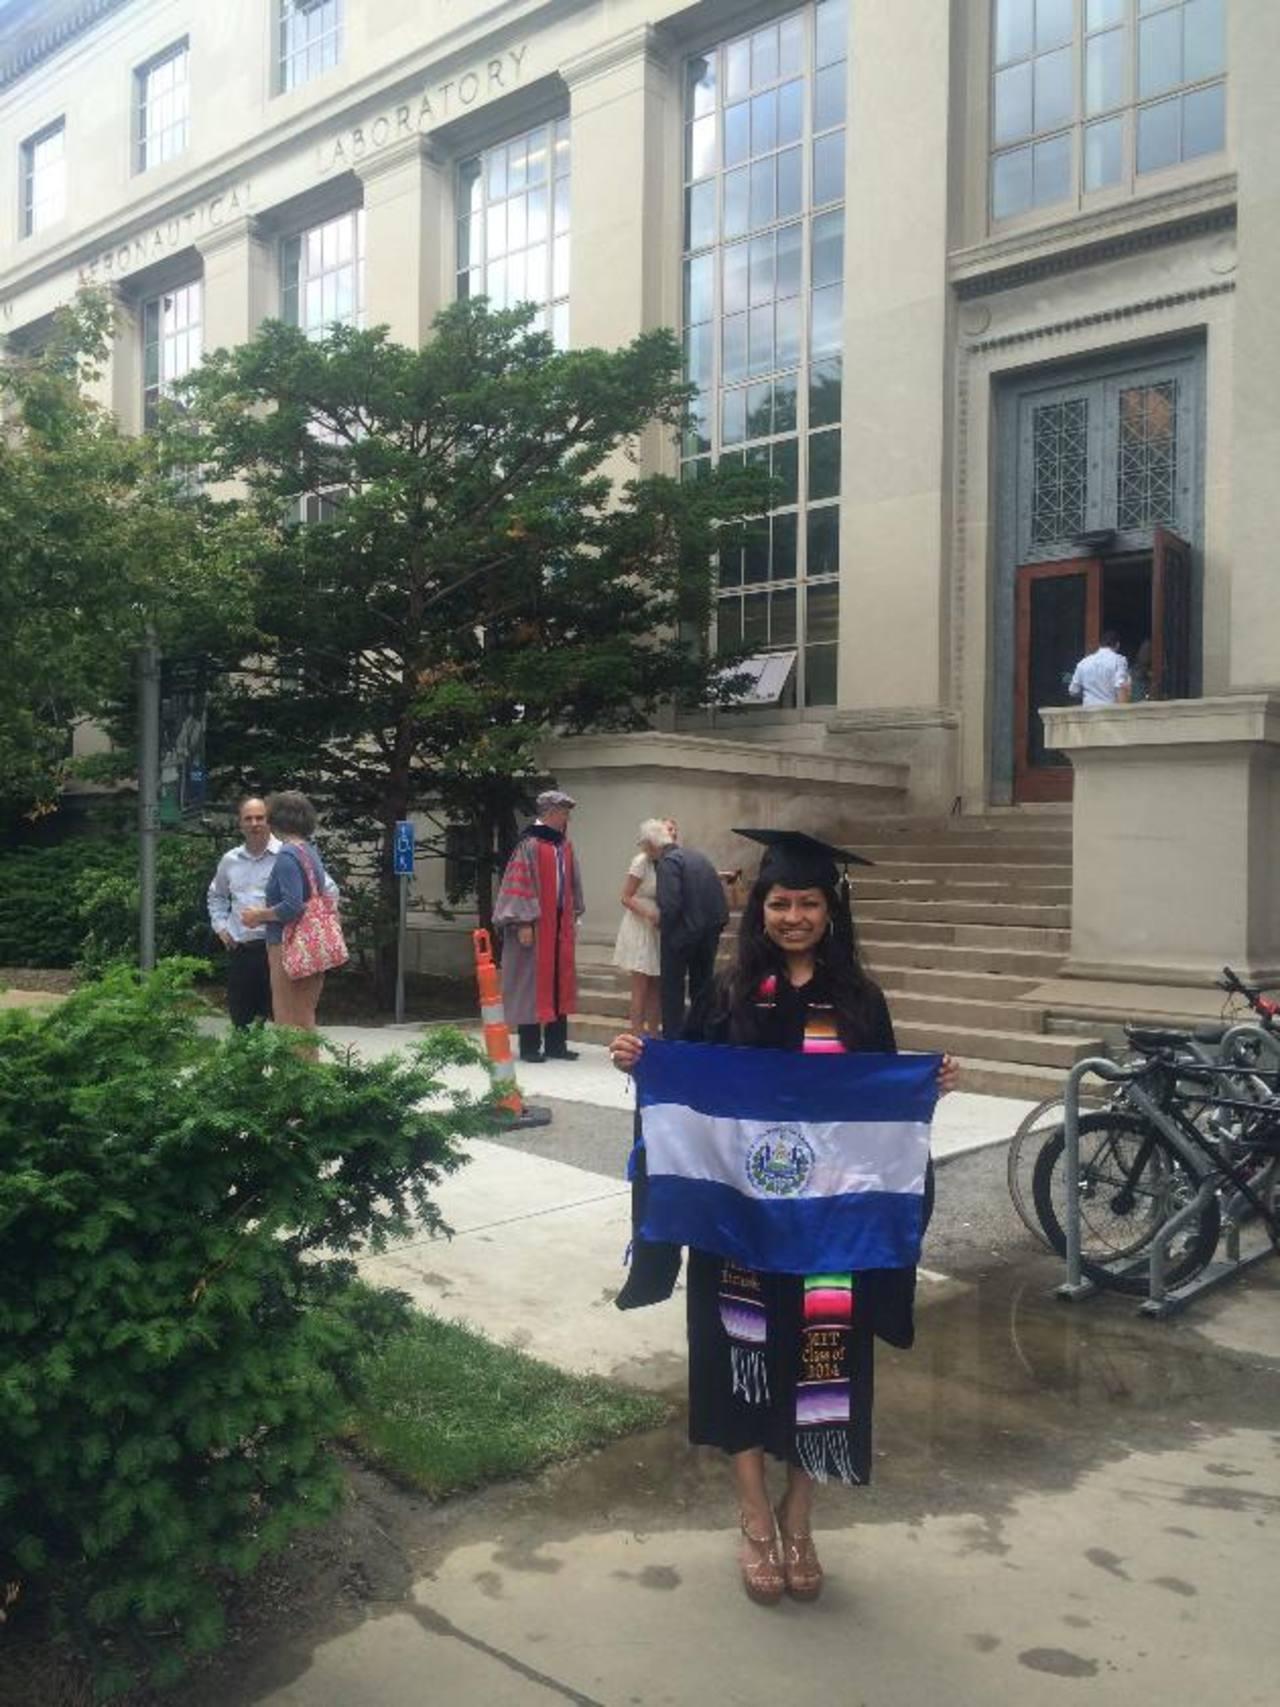 La joven salvadoreña dijo que es un orgullo poder representar a El Salvador, por lo que decidió portar la bandera de nuestro país durante la ceremonia de graduación. Foto EDH / CORTESÍA